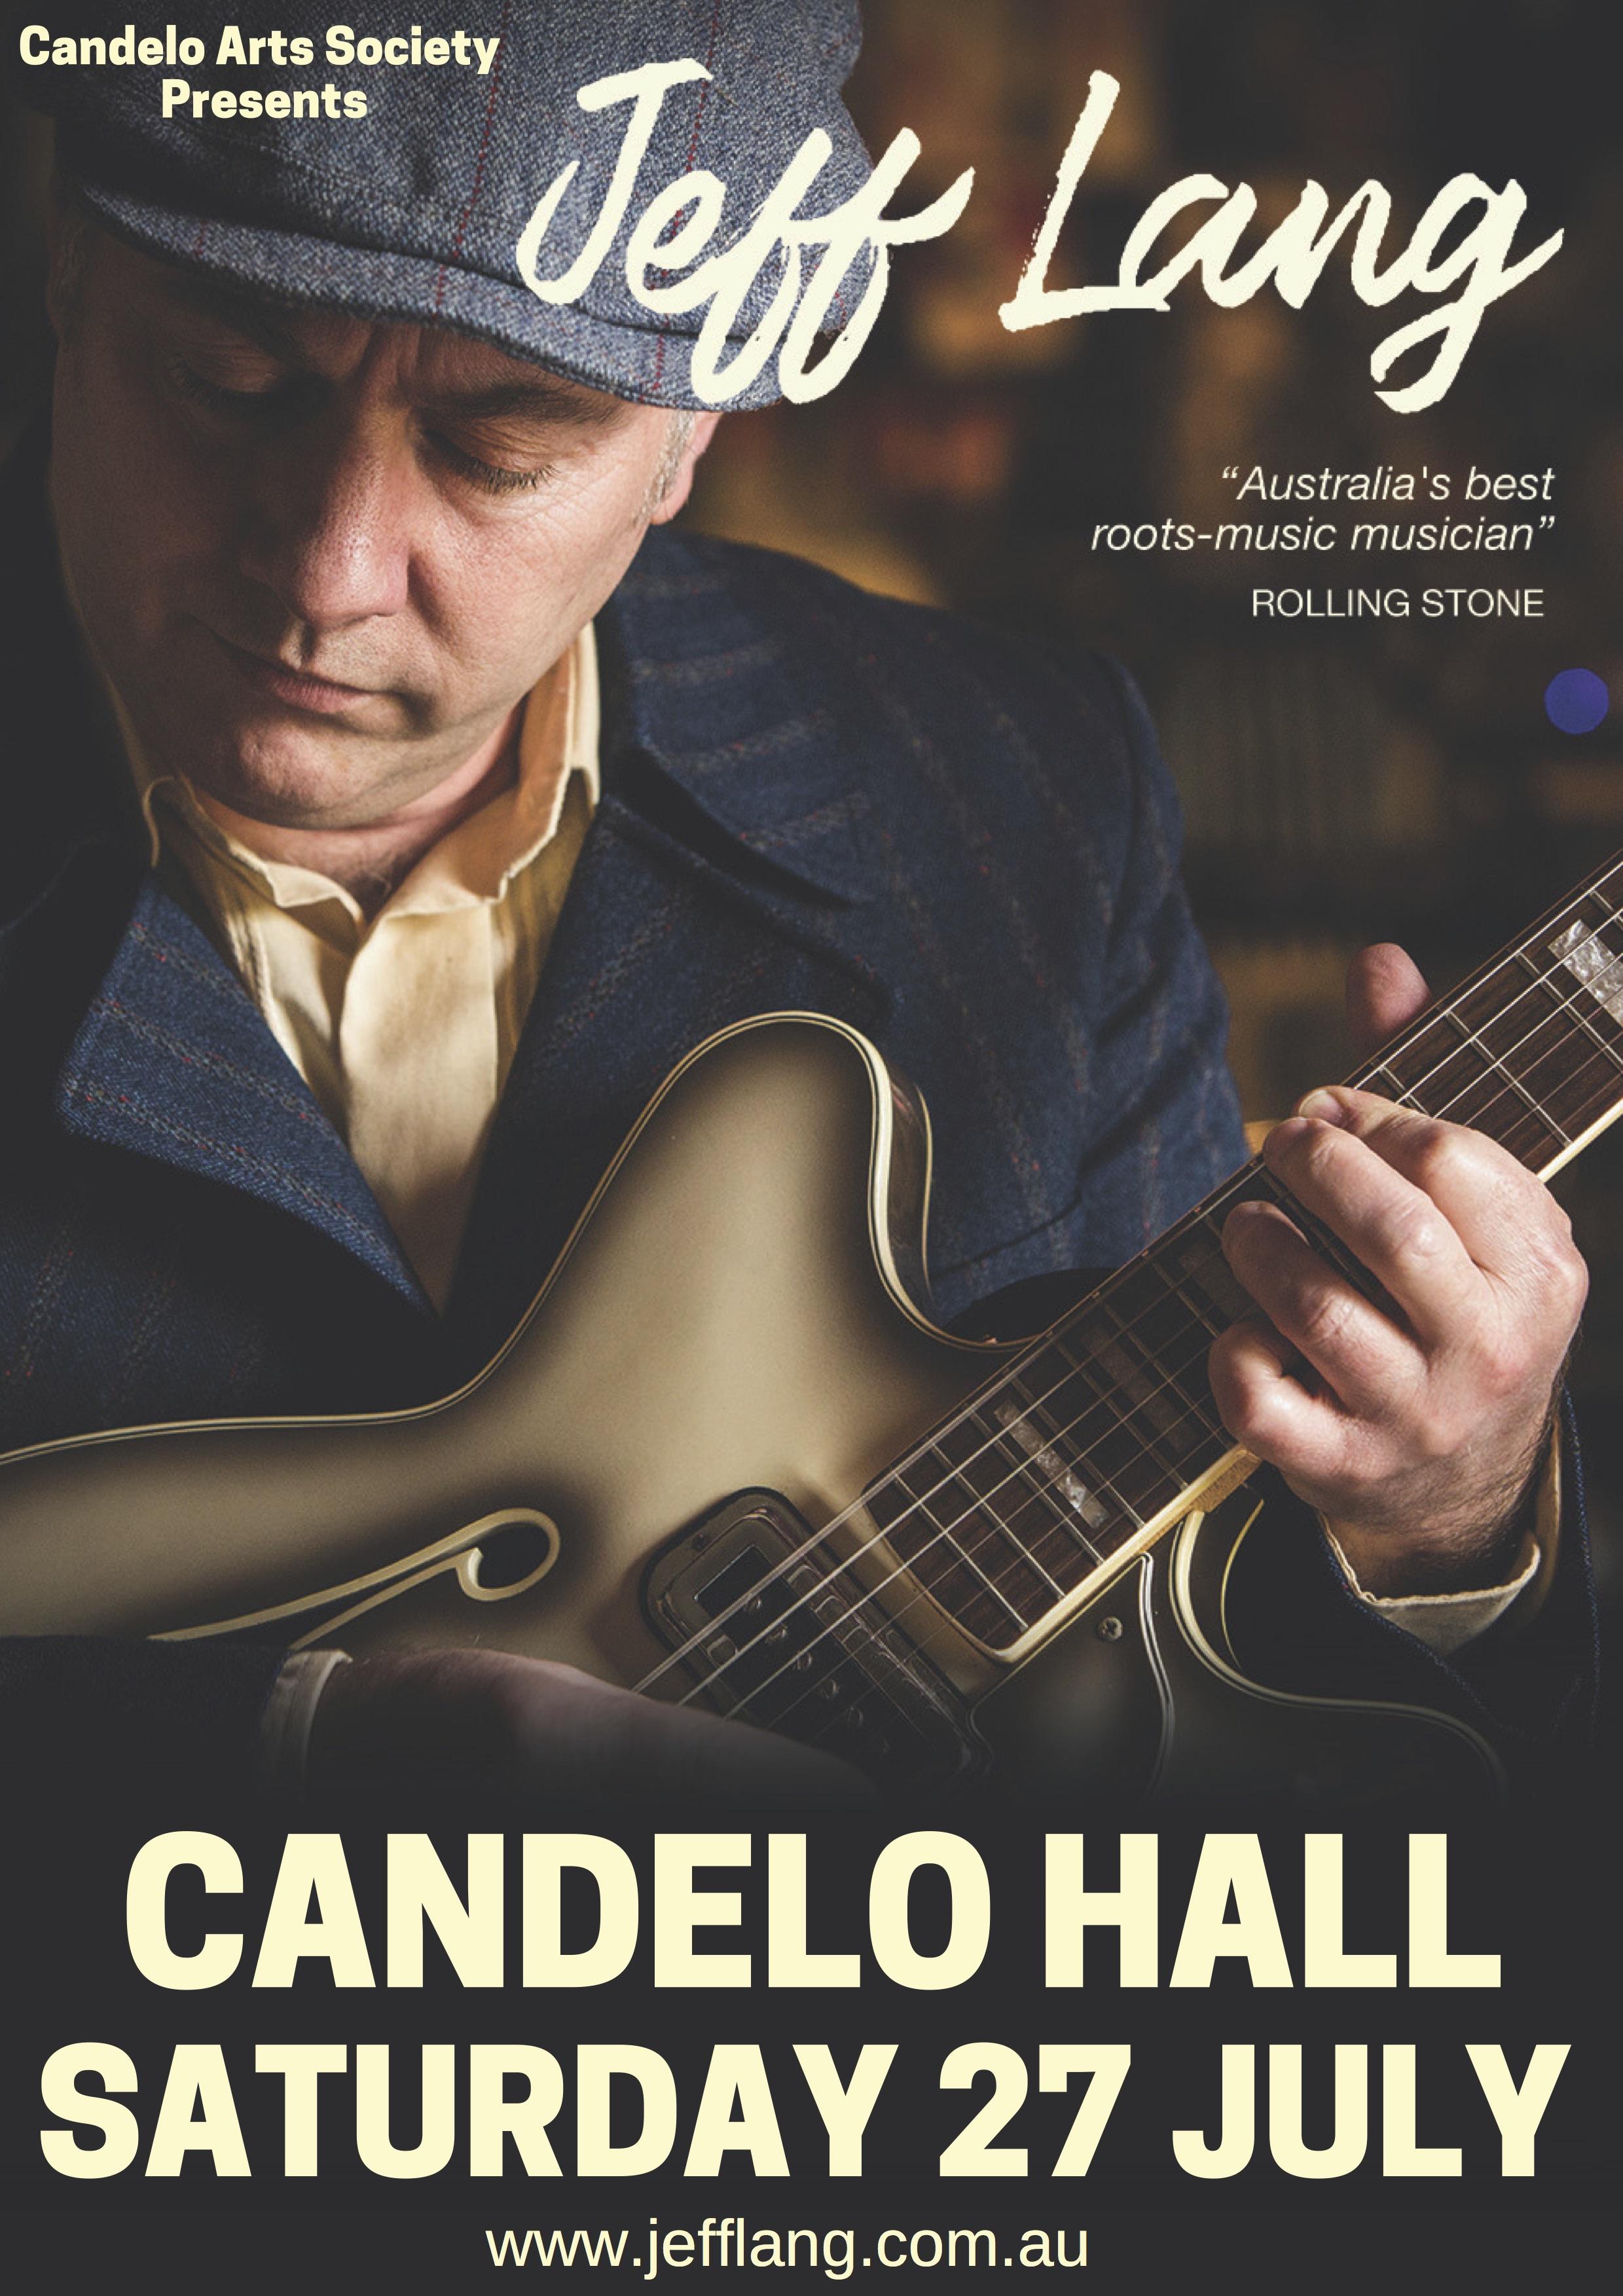 Jeff Lang Candelo Poster.jpg